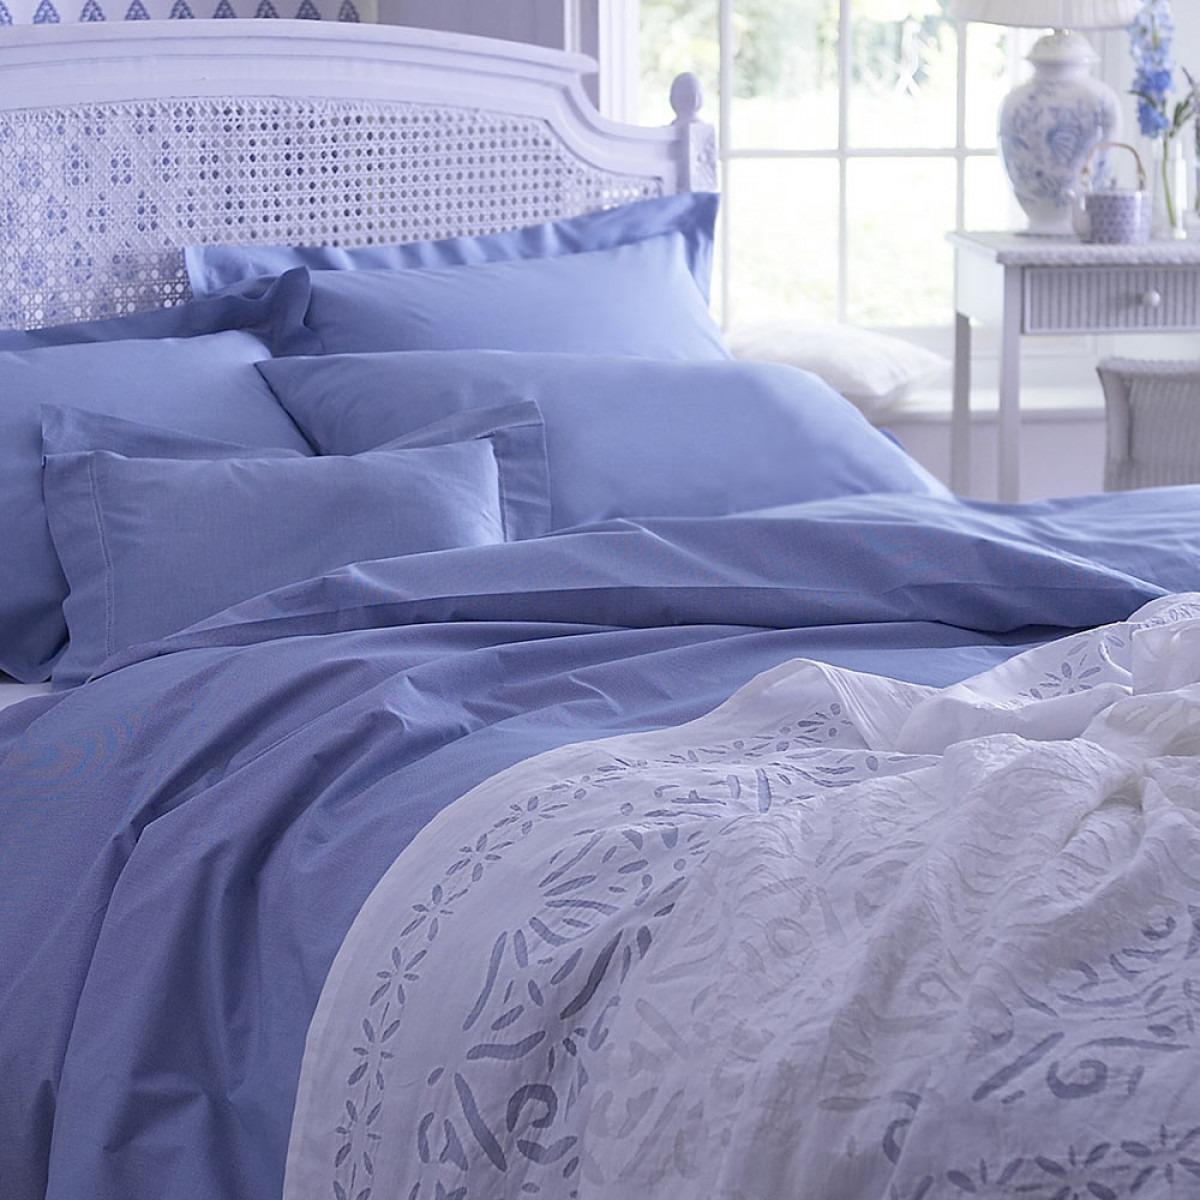 Applique organza bed cover